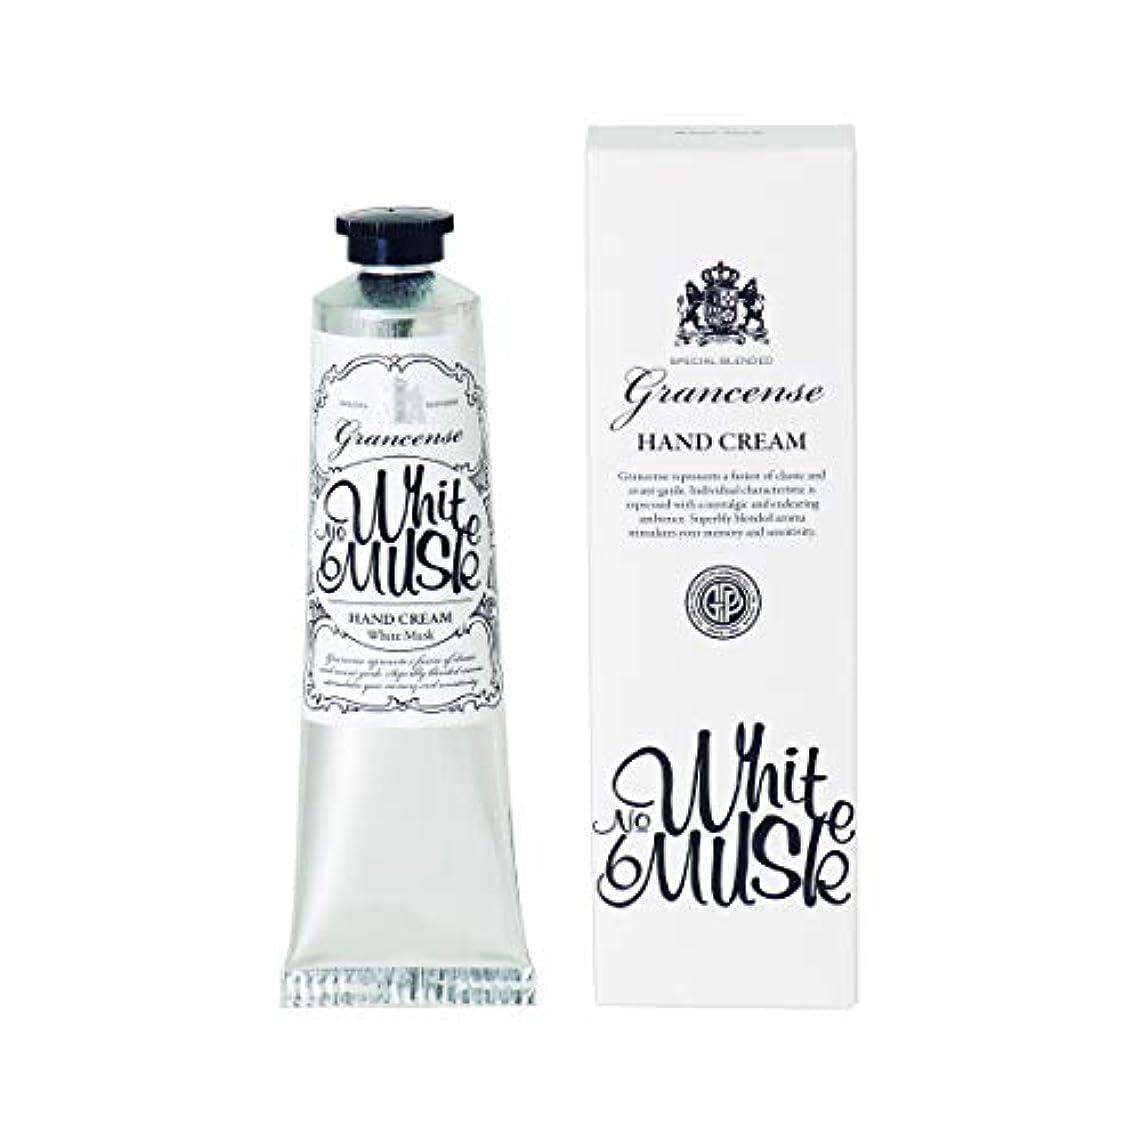 雇ったクライアントスコアグランセンス ハンドクリーム ホワイトムスク 40g(手肌用保湿 シアバター配合 日本製 ベルガモットとミントの透明感ある香り)